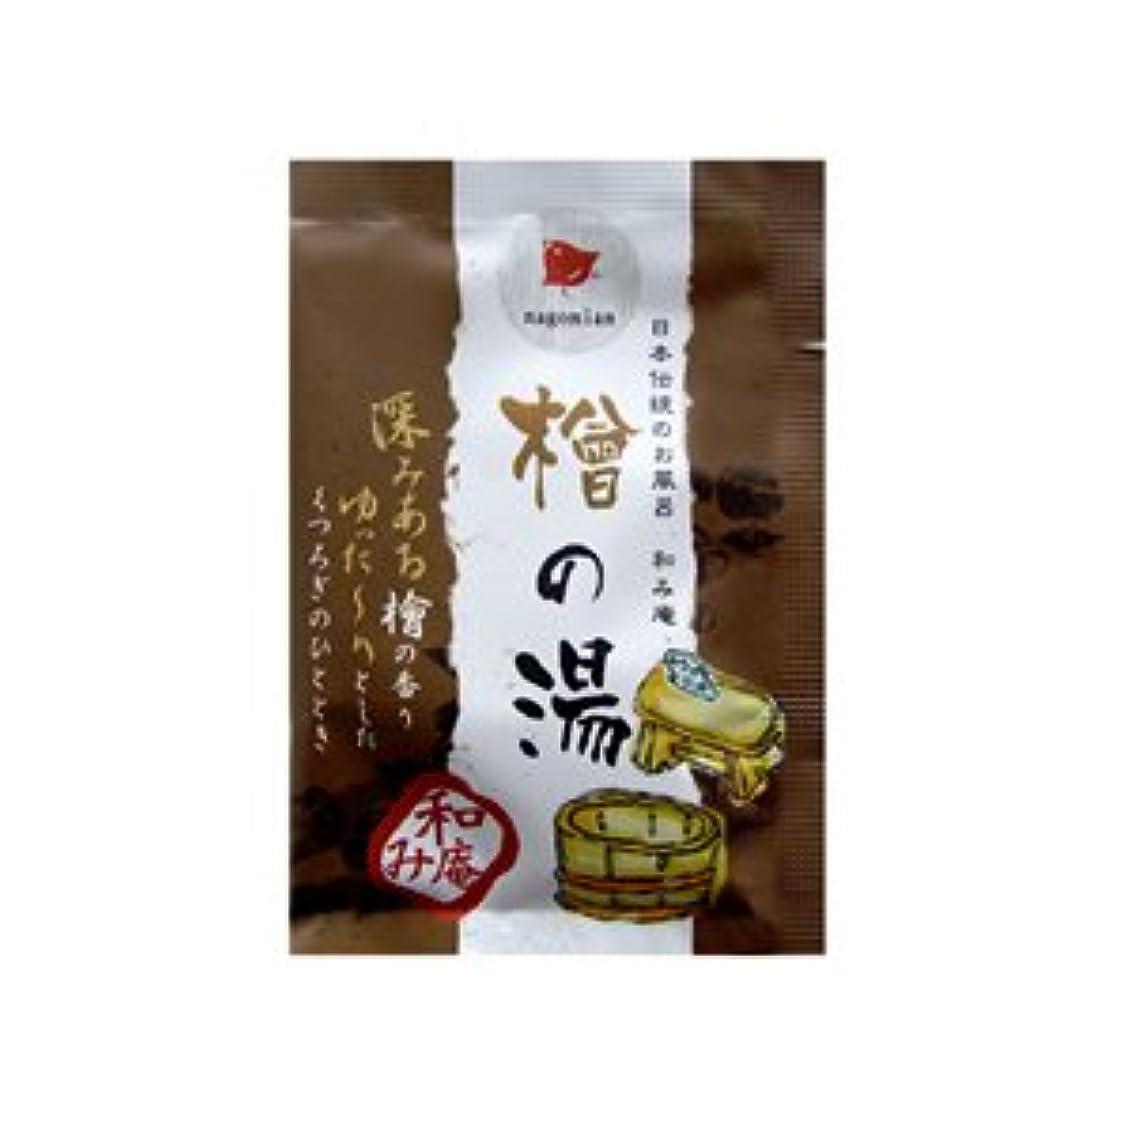 支出もっとことわざ日本伝統のお風呂 和み庵 檜の湯 25g 10個セット